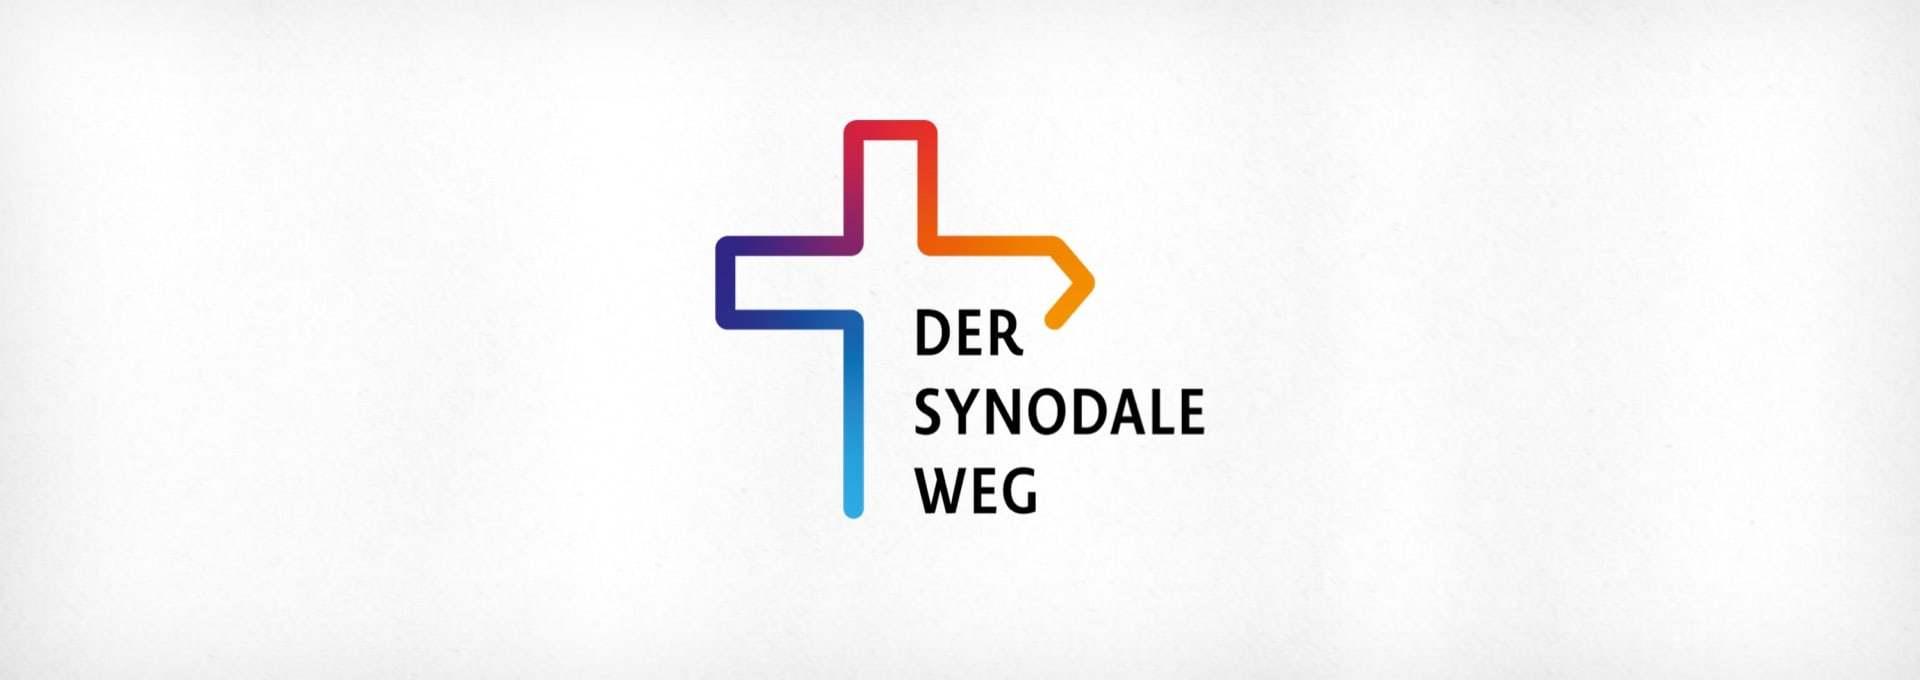 Synodaler Weg Banner 1920x680